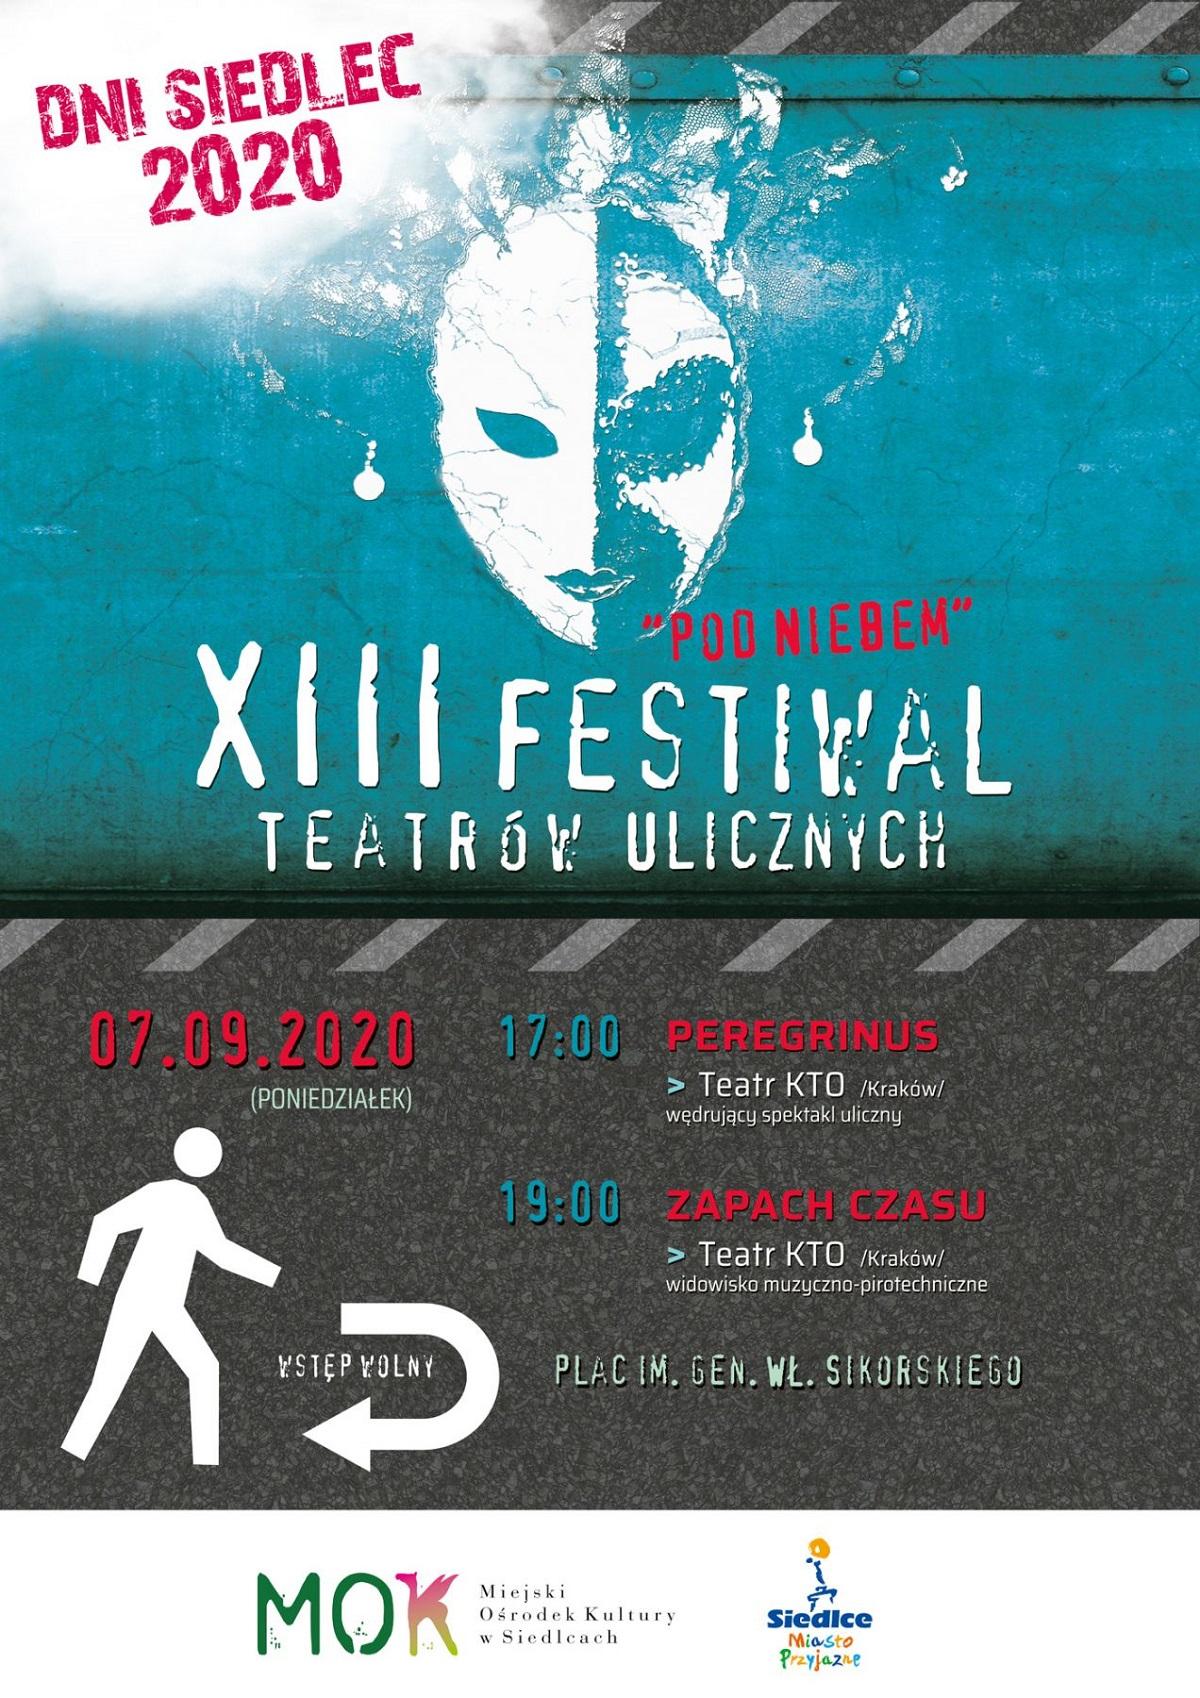 Siedlce Festiwal Teatrów Ulicznych 2020